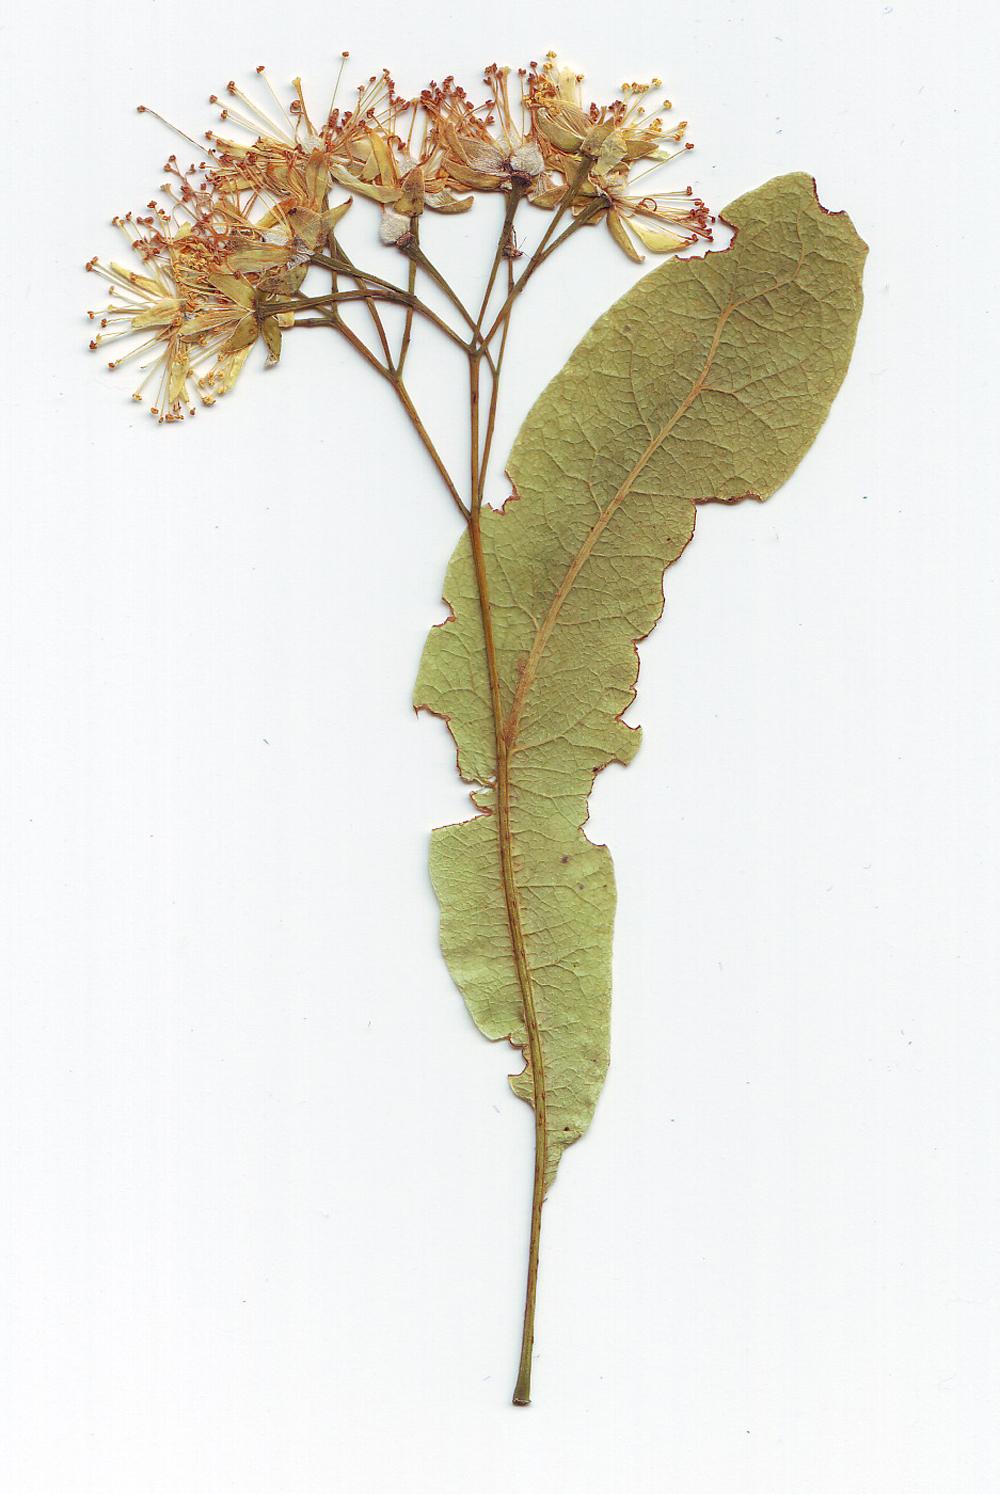 Foto gratis de unas flores con una gran hoja verde